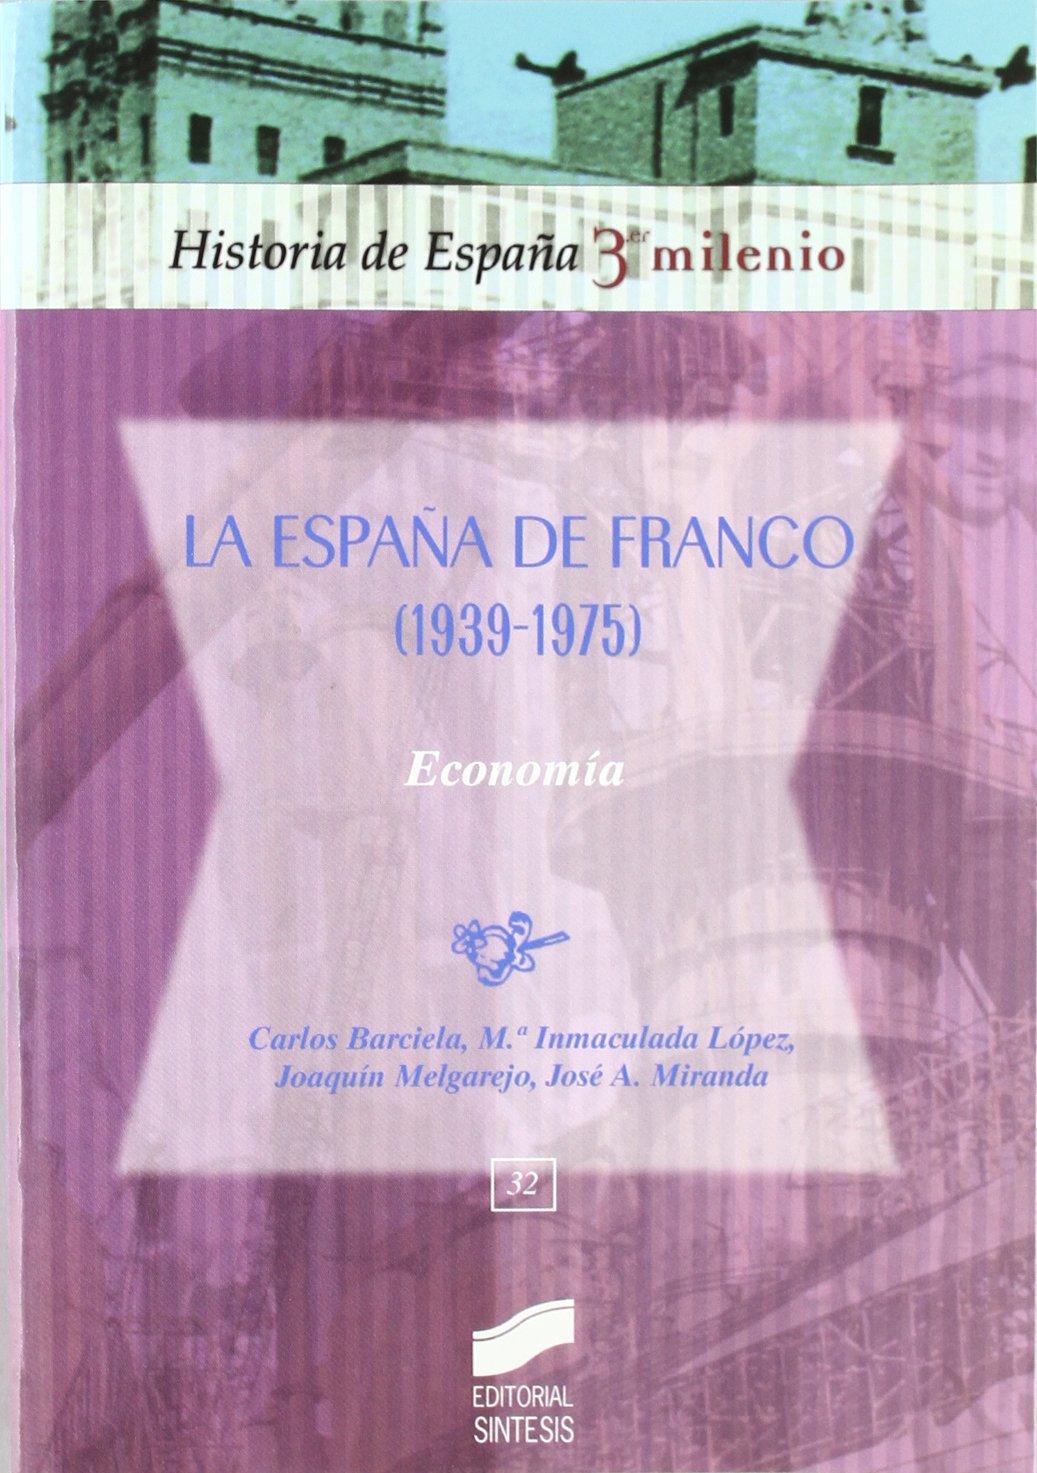 España de Franco 1939-1975 : economía: 32 Historia de España, 3er ...